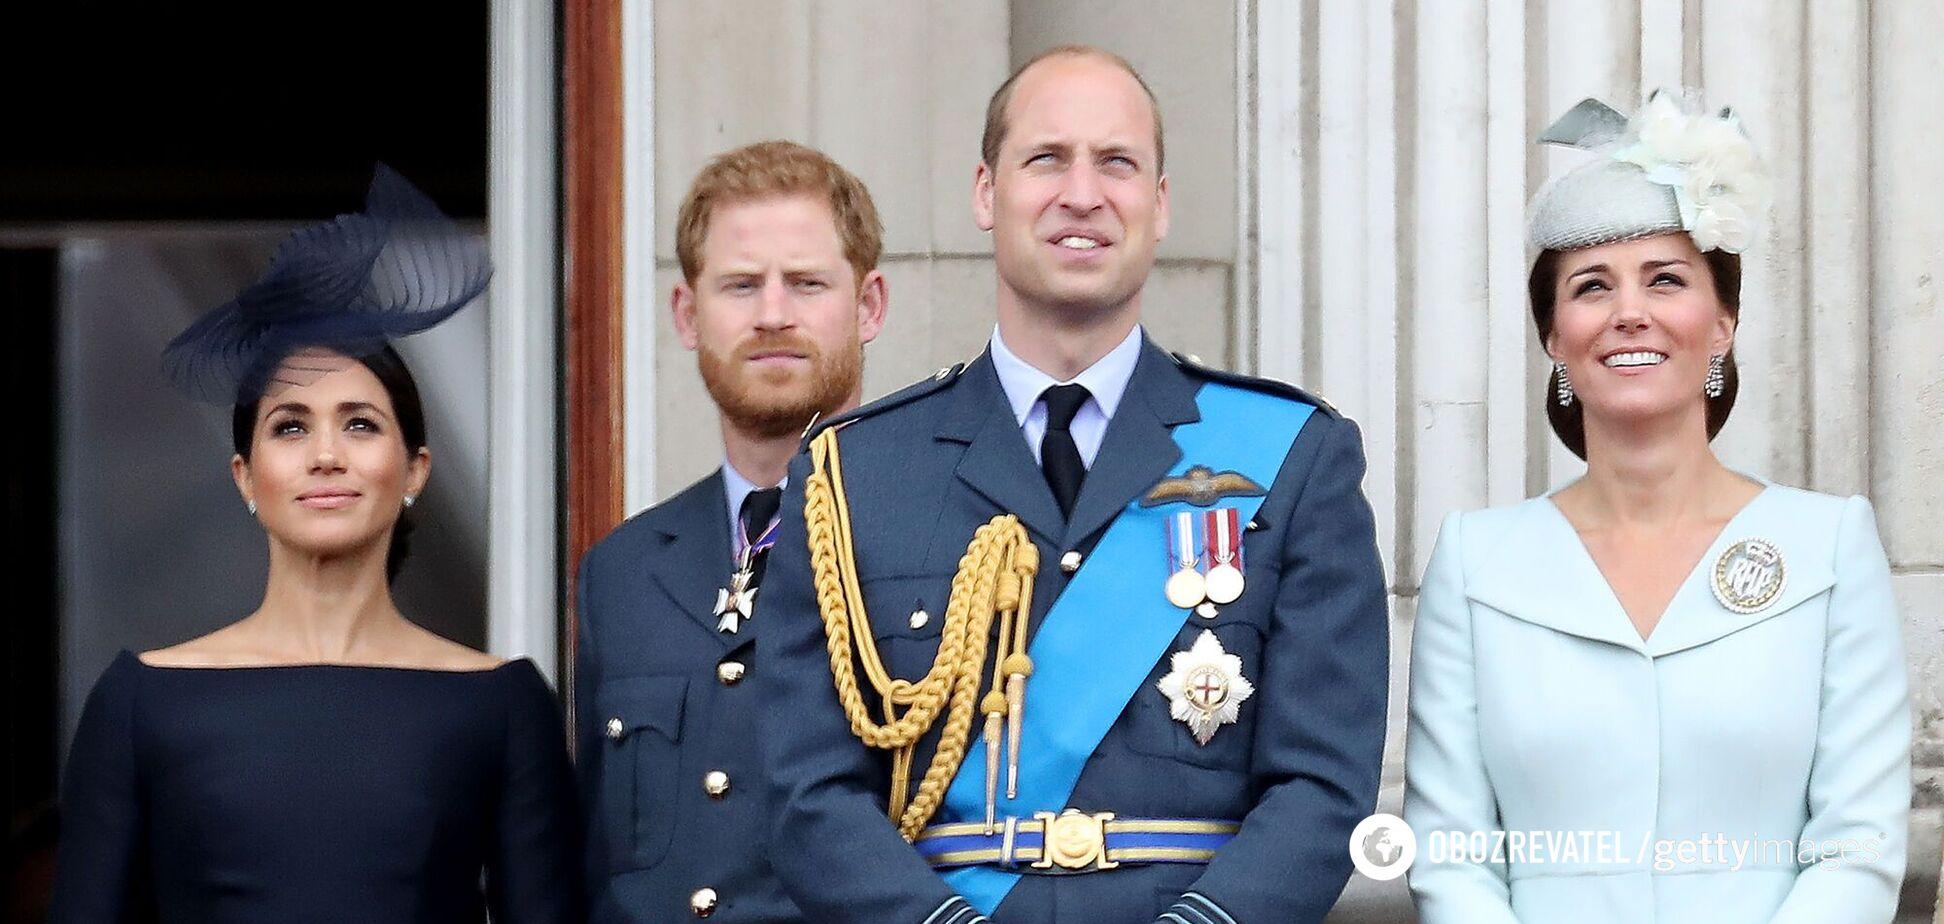 Принцы Гарри и Уильям могут примириться после личной встречи – СМИ